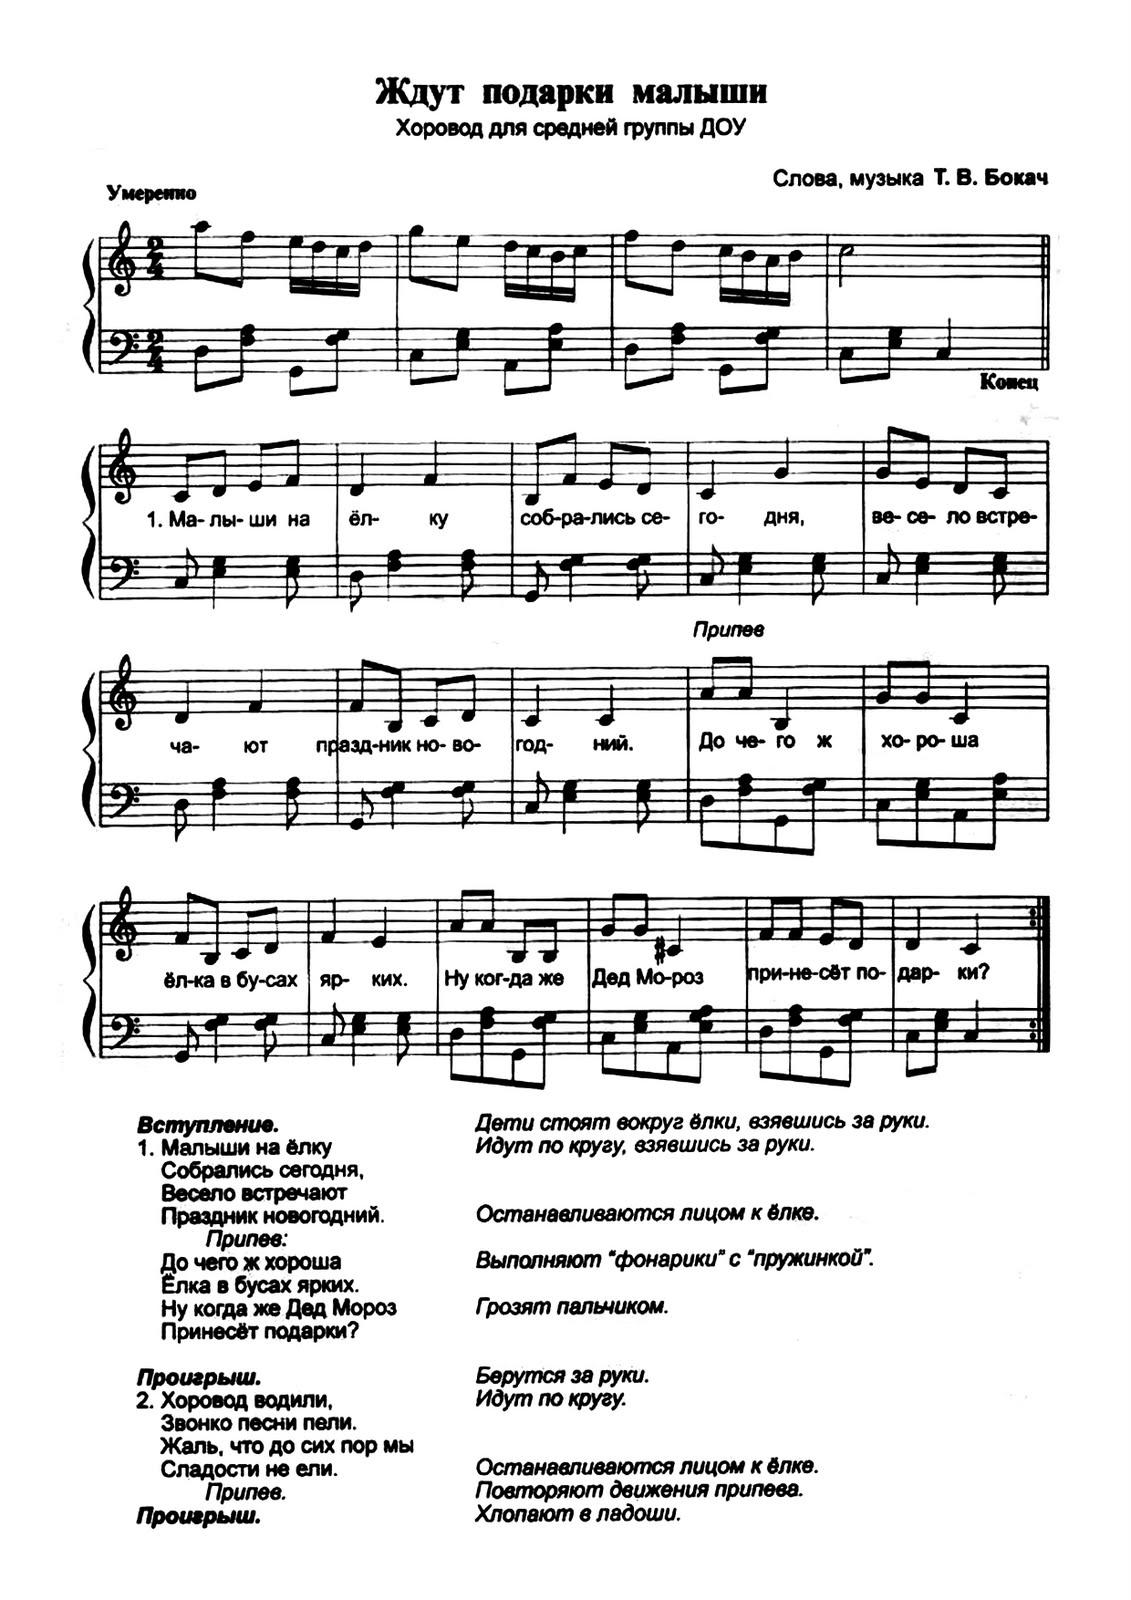 НОВОГОДНИЕ ХОРОВОДНЫЕ ПЕСНИ ДЛЯ ДЕТСКОГО САДА СКАЧАТЬ БЕСПЛАТНО